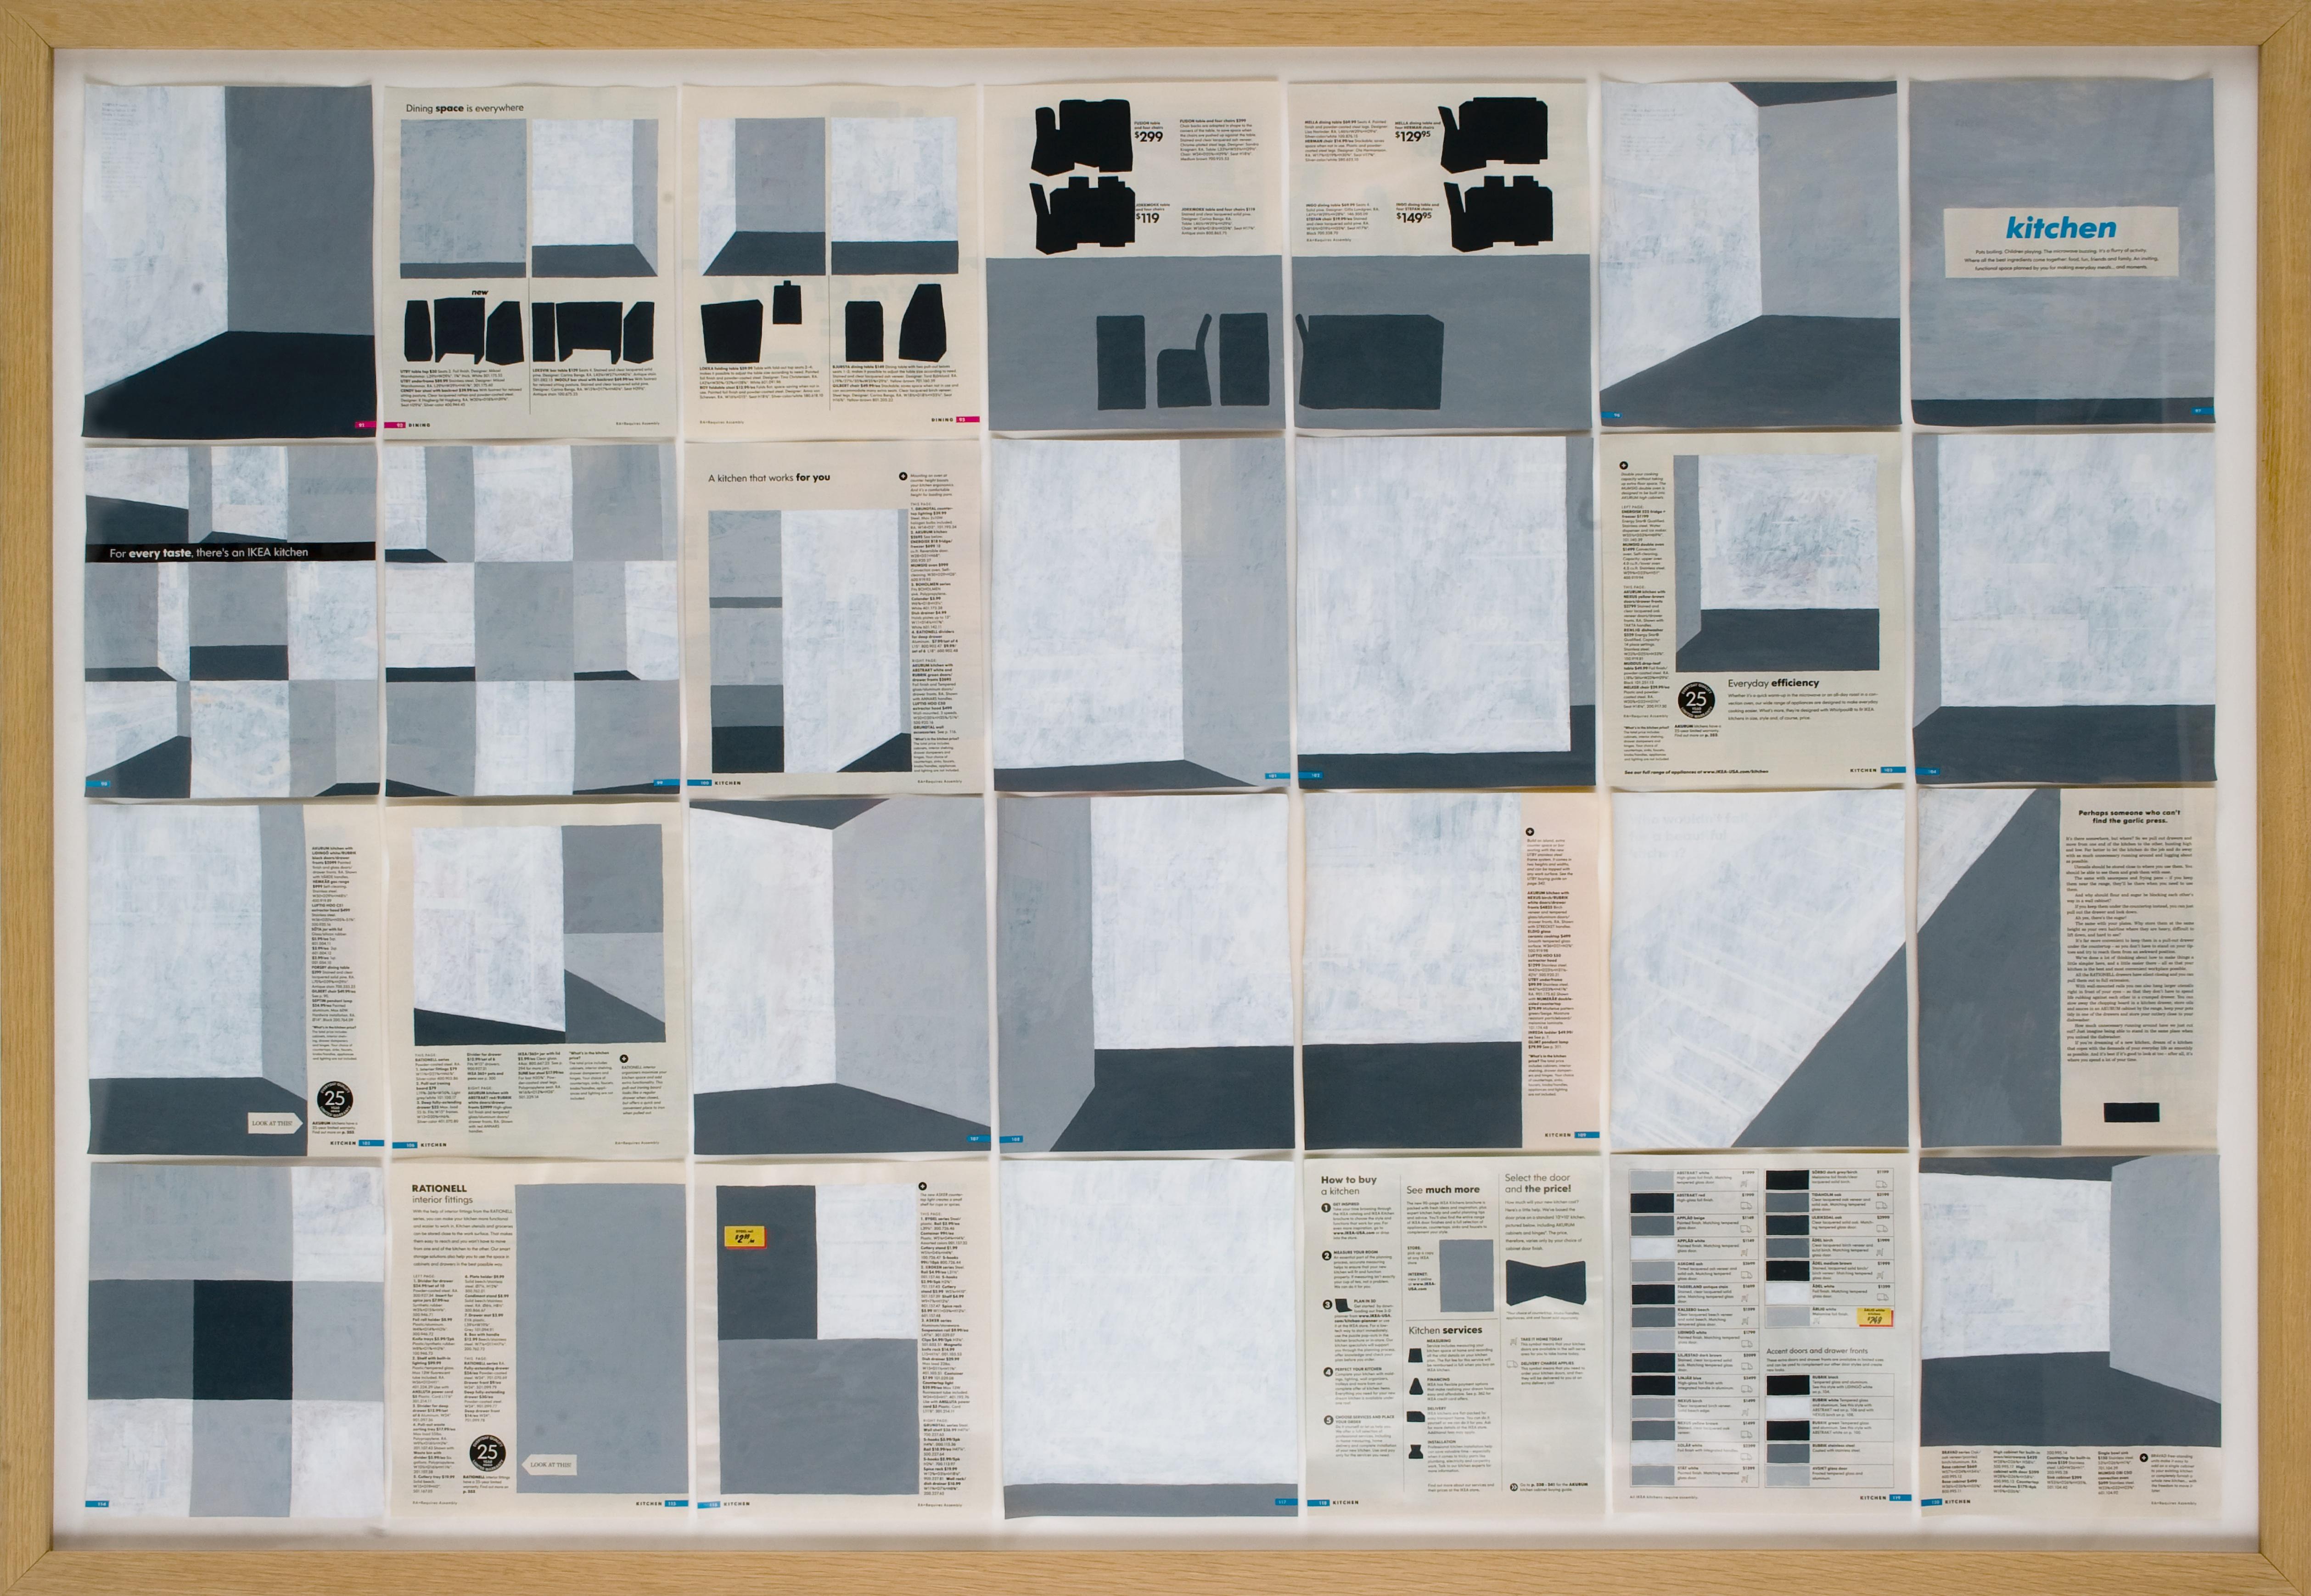 Jochen Gerner, n°4, Kitchen, 2008, Série Home, Acrylique sur papier imprimé, 100 x 144 cm avec cadre, courtesy galerie anne barrault